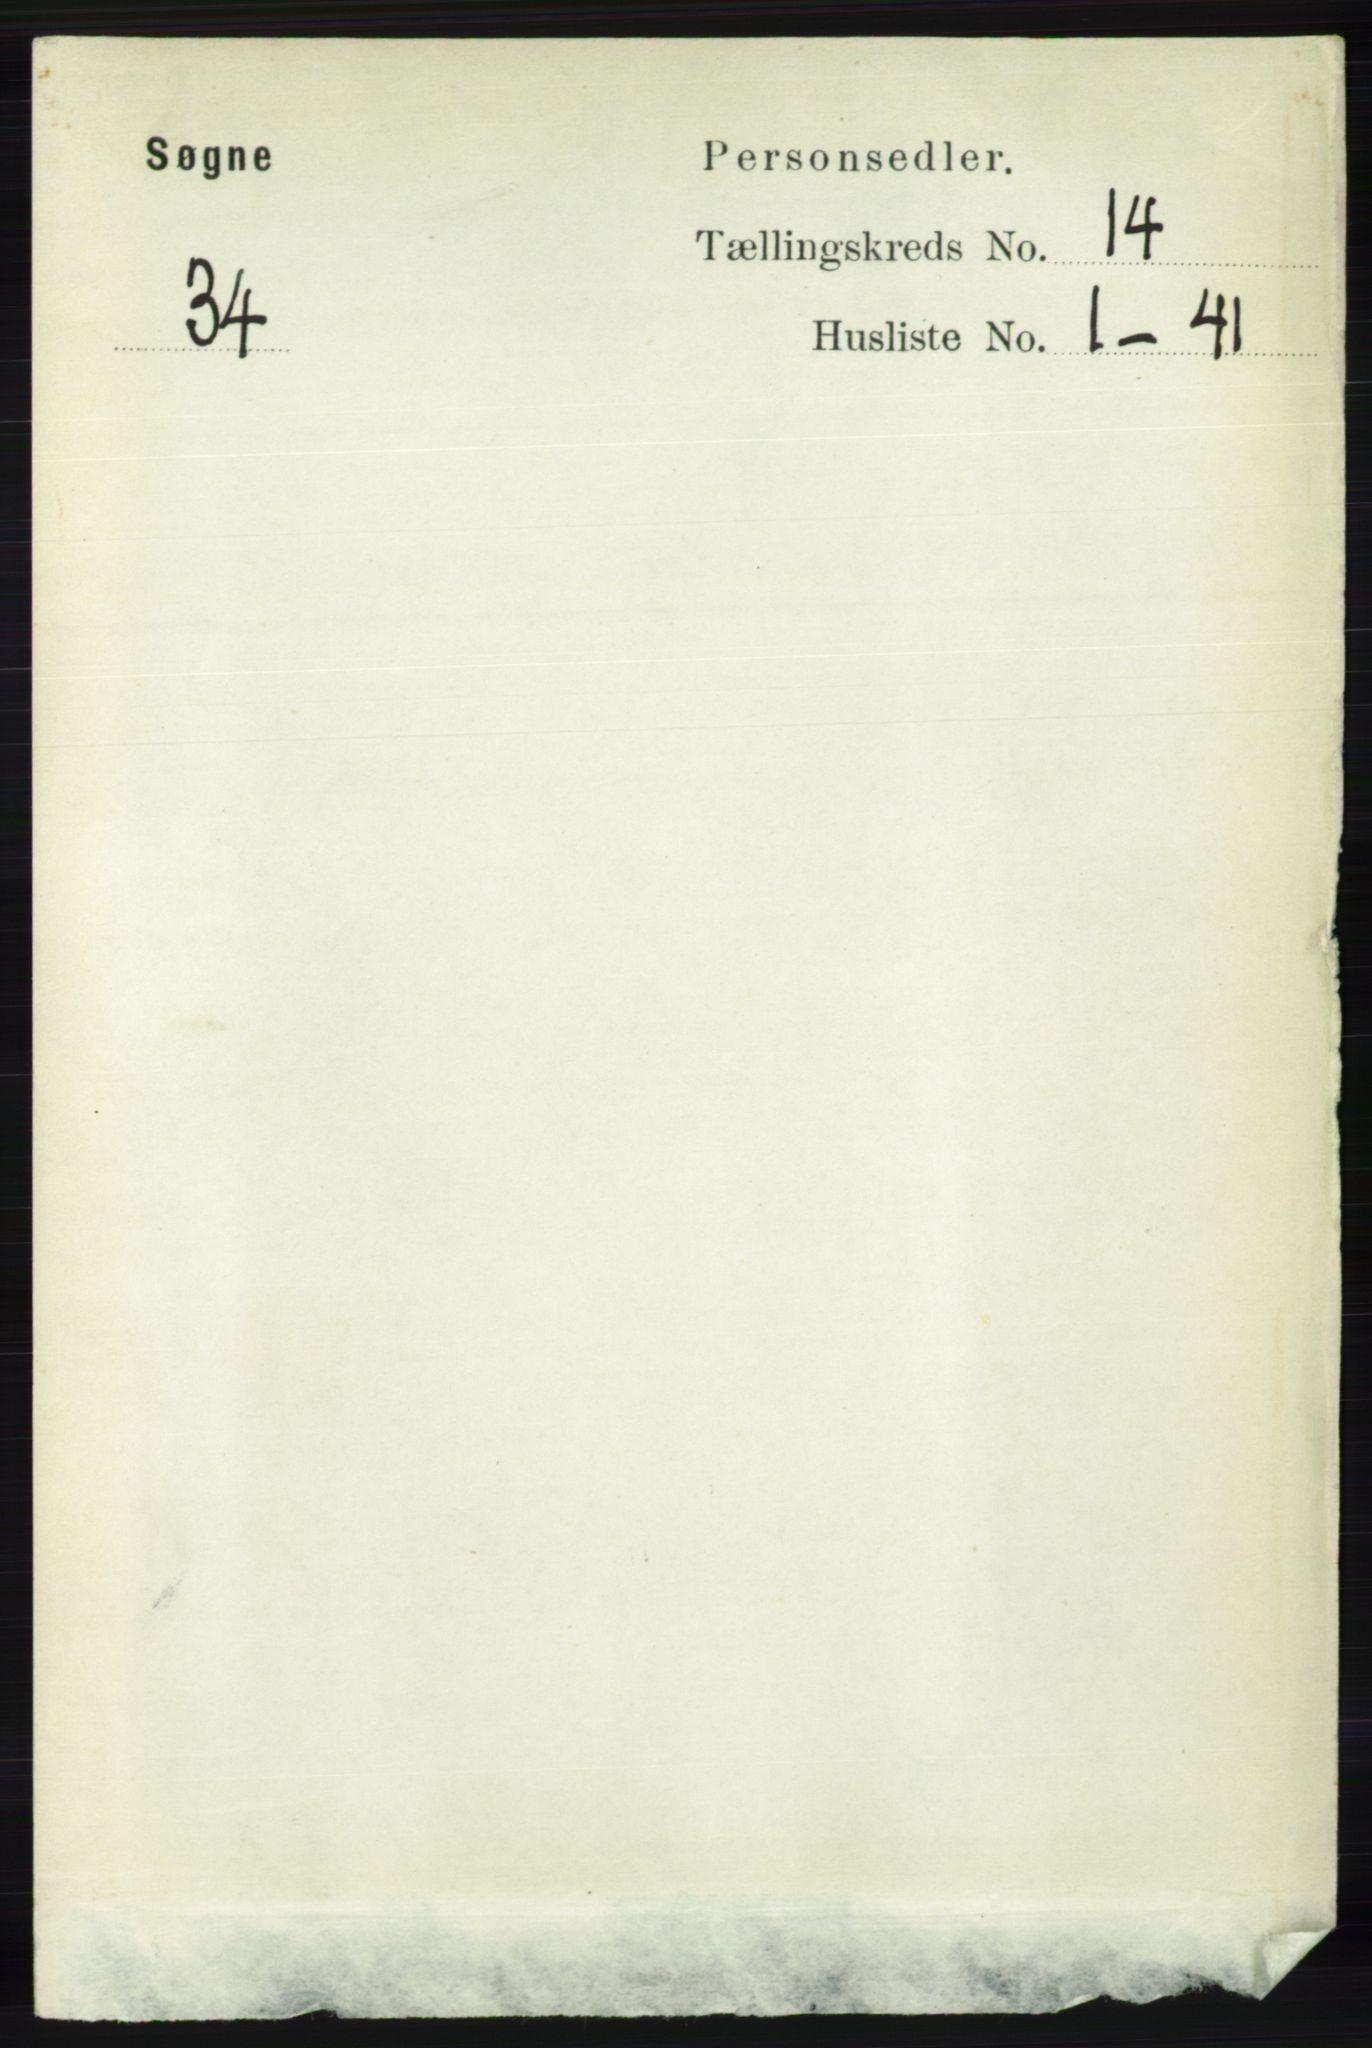 RA, Folketelling 1891 for 1018 Søgne herred, 1891, s. 3403